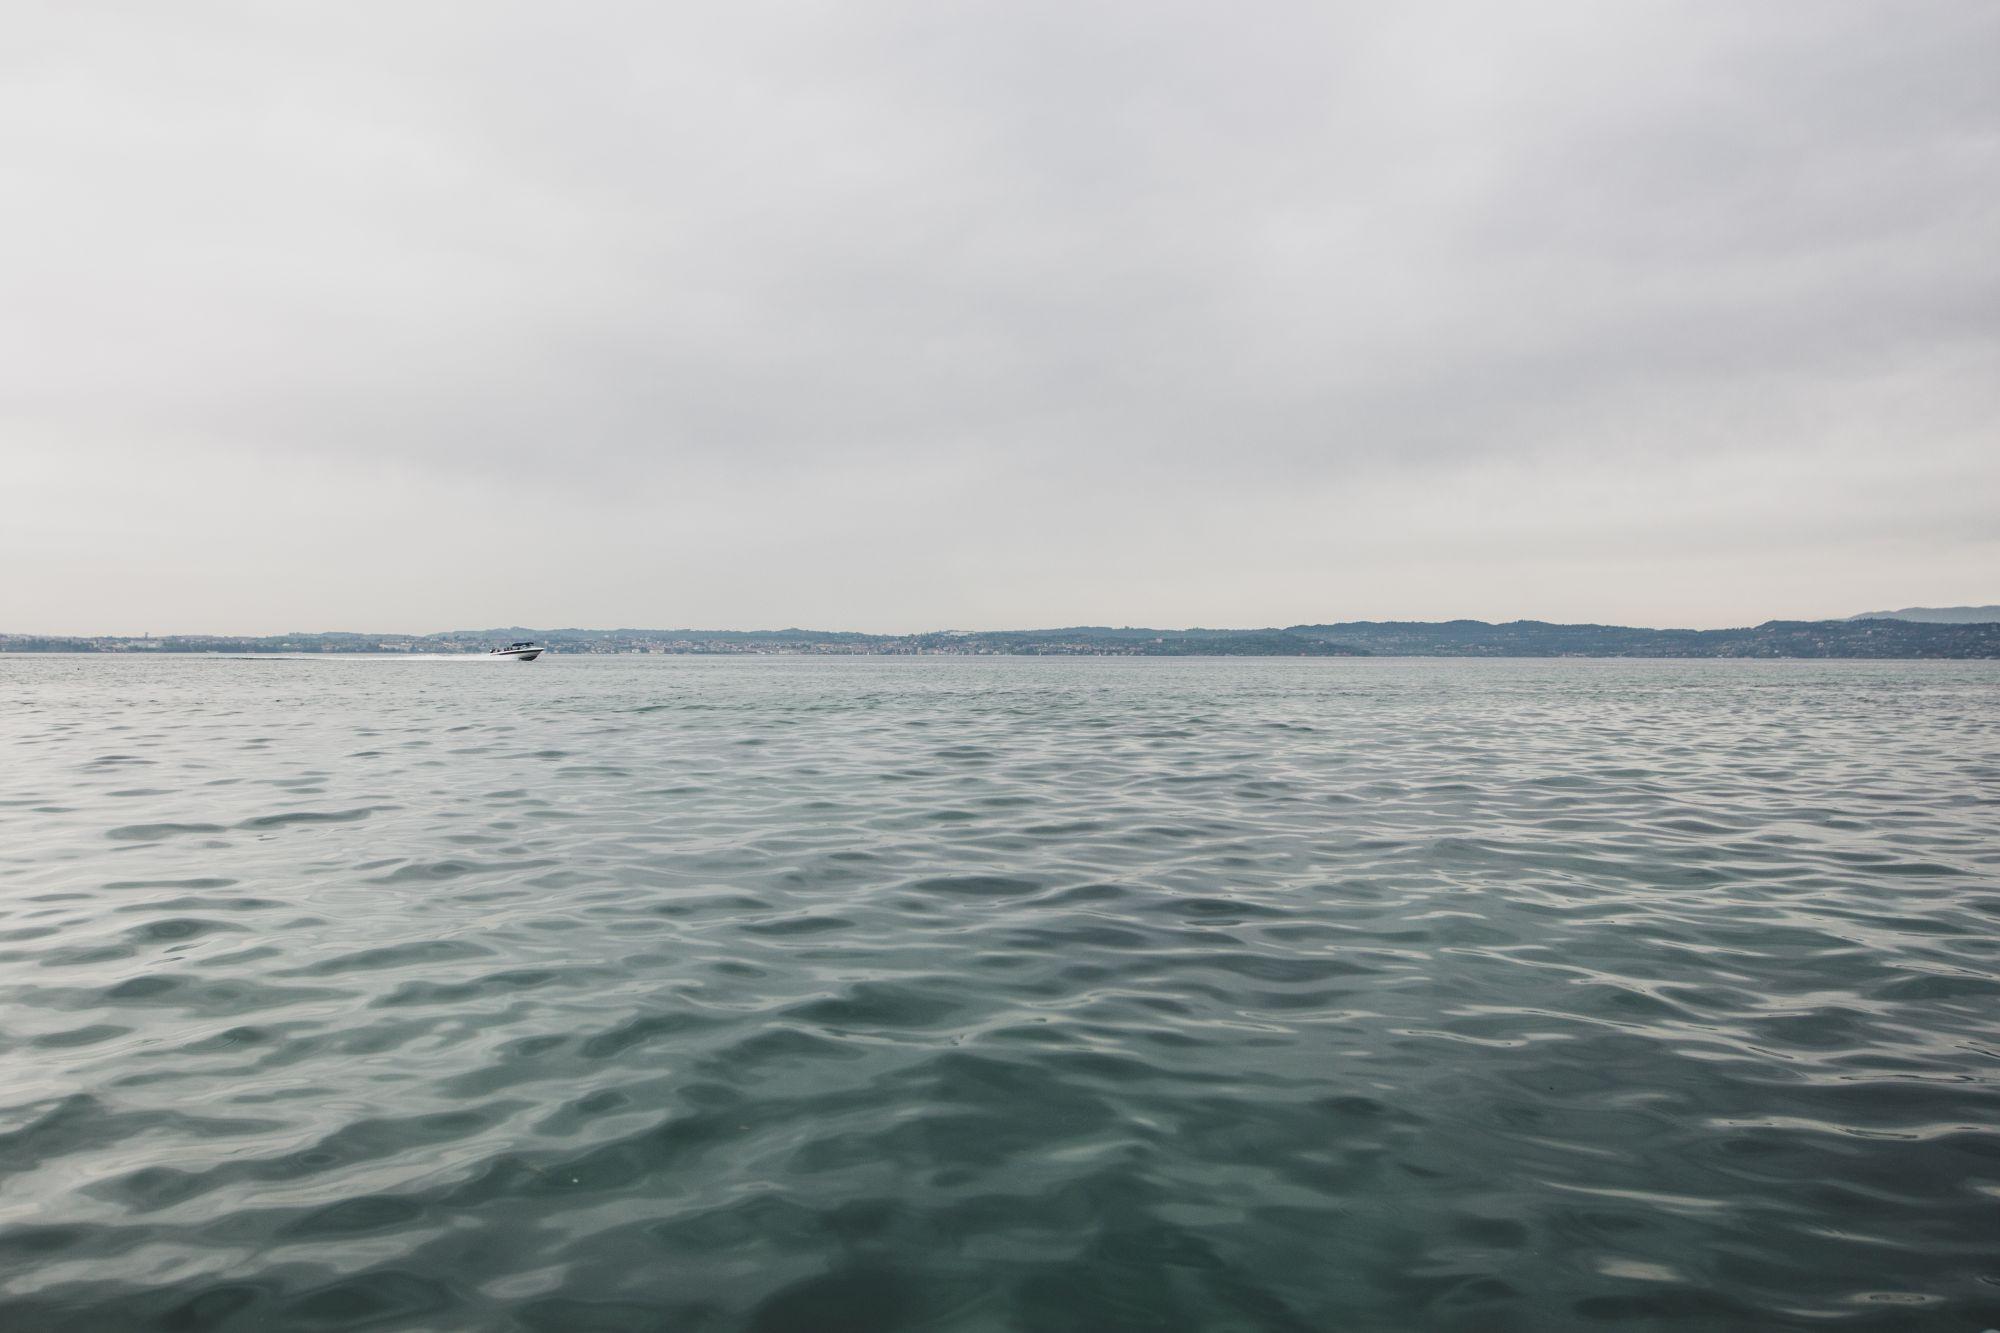 Le lac de Garde en bateau